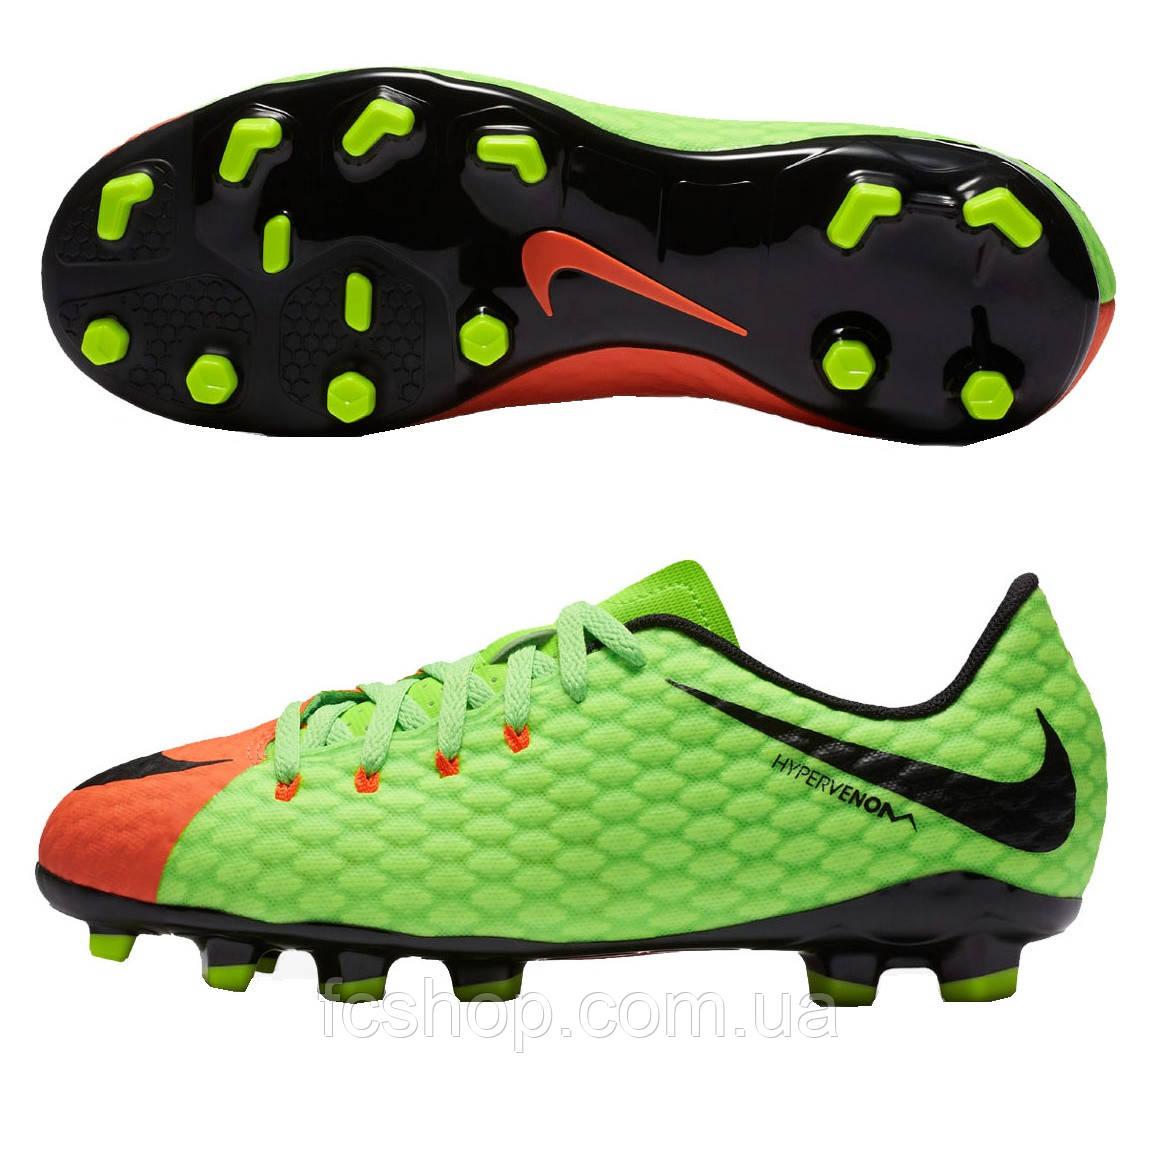 Детские футбольные бутсы Nike Hypervenom Phelon III FG 852595-308 ... 5e0a7015708